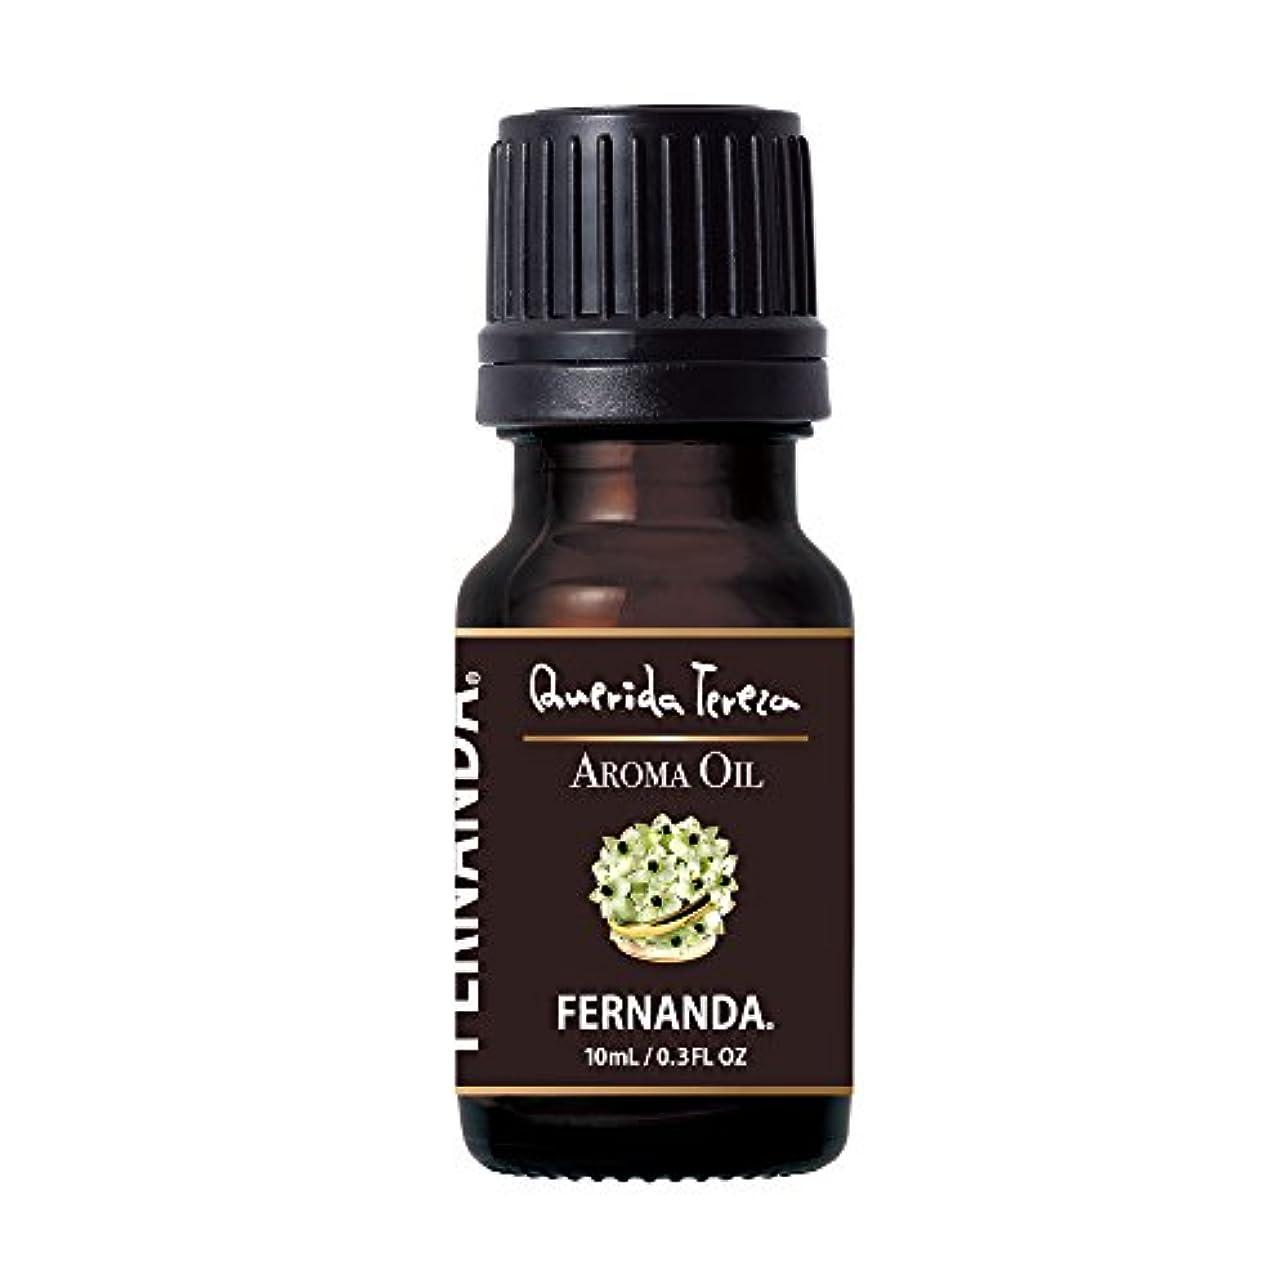 証明いらいらさせるぺディカブFERNANDA(フェルナンダ) Fragrance Aroma Oil Querida Tereza (アロマオイル ケリーダテレーザ)